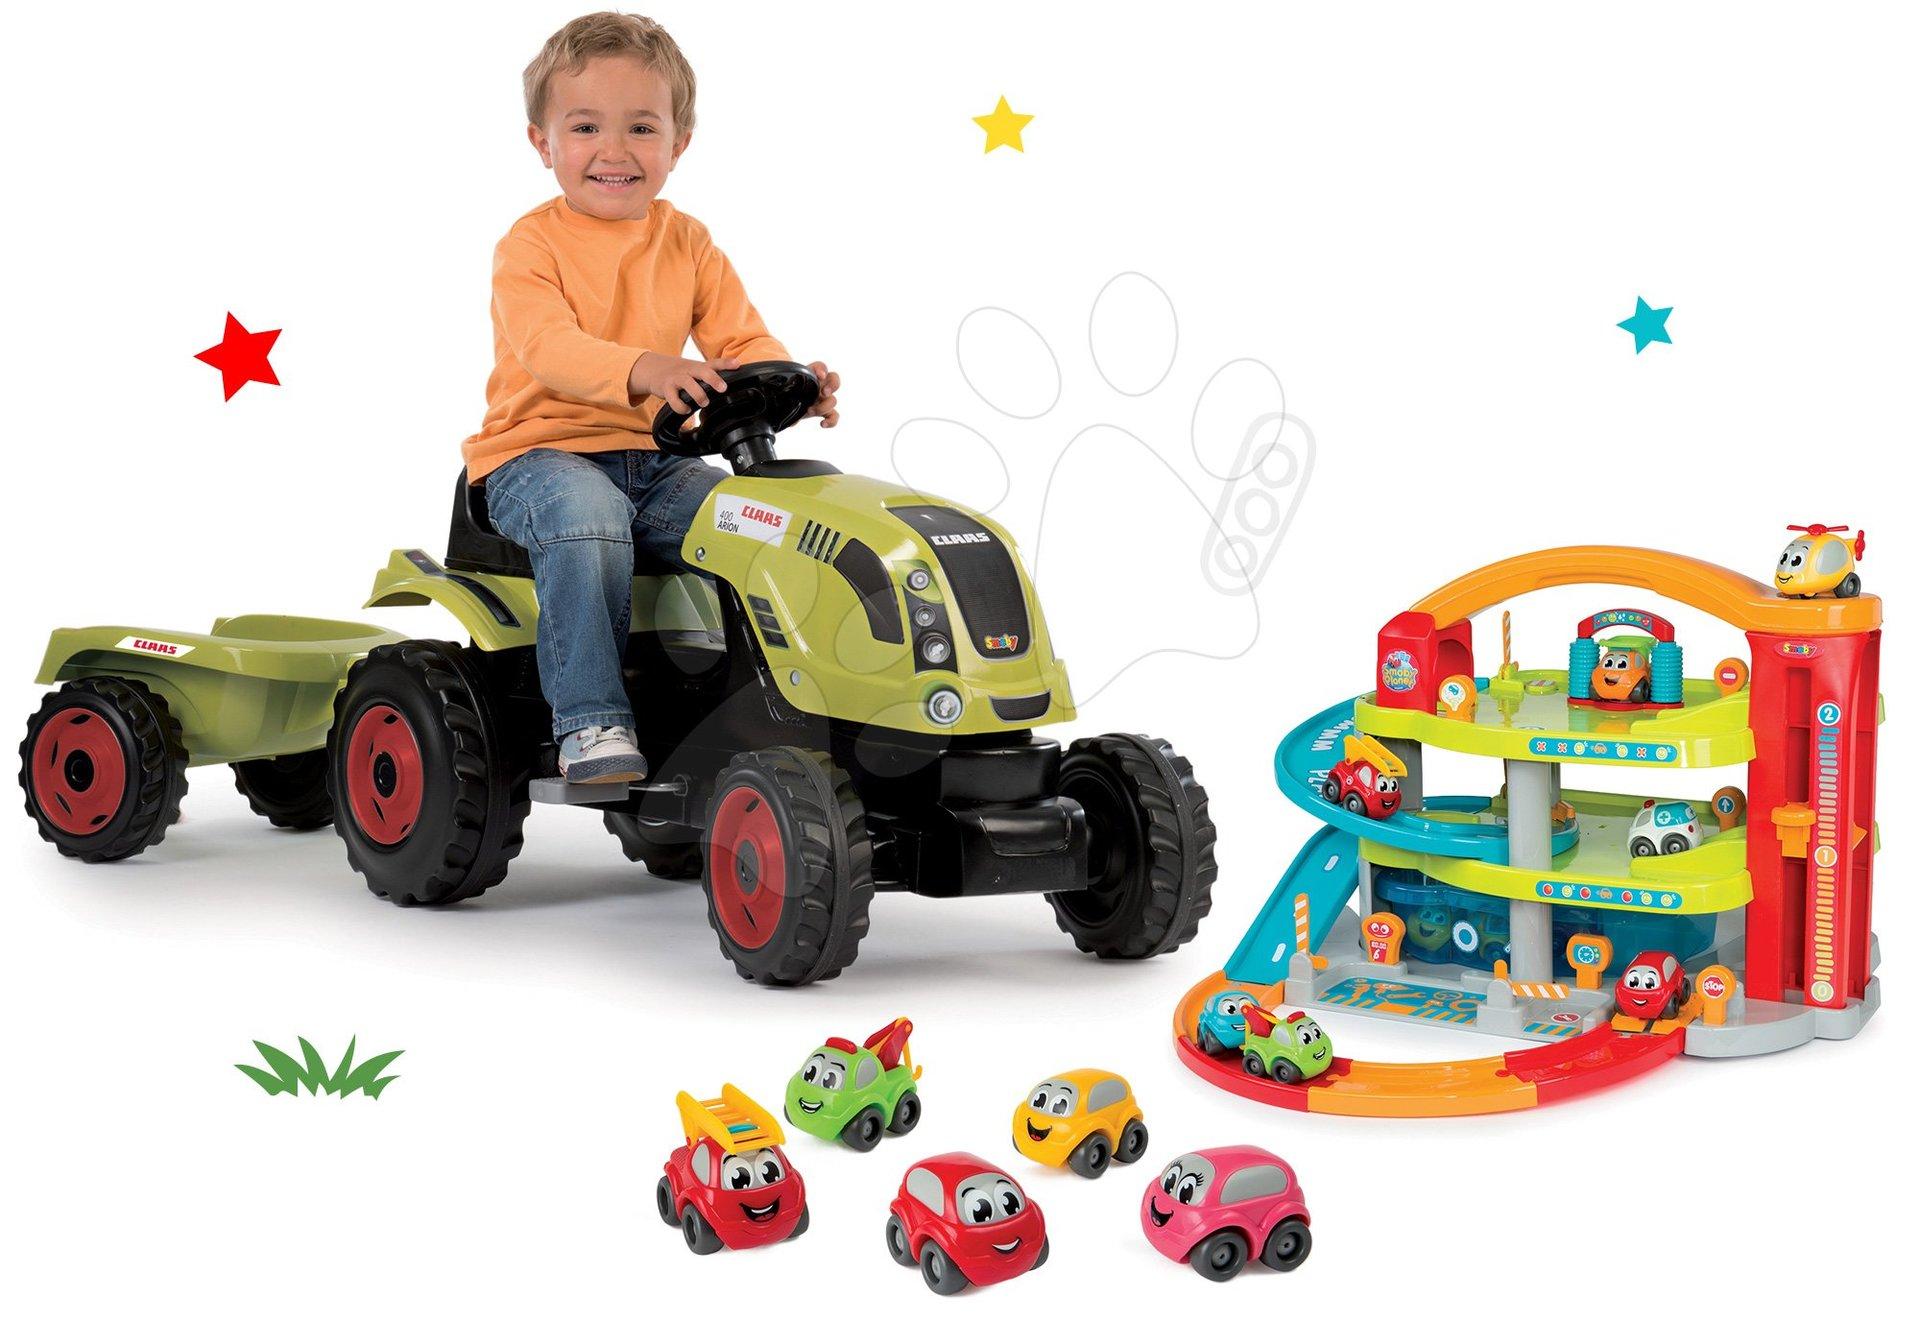 Smoby set traktor Claas Farmer XL na šliapanie s prívesom, dvojposchodová garáž Vroom Planet Grand a 5 autíčok 710114-4